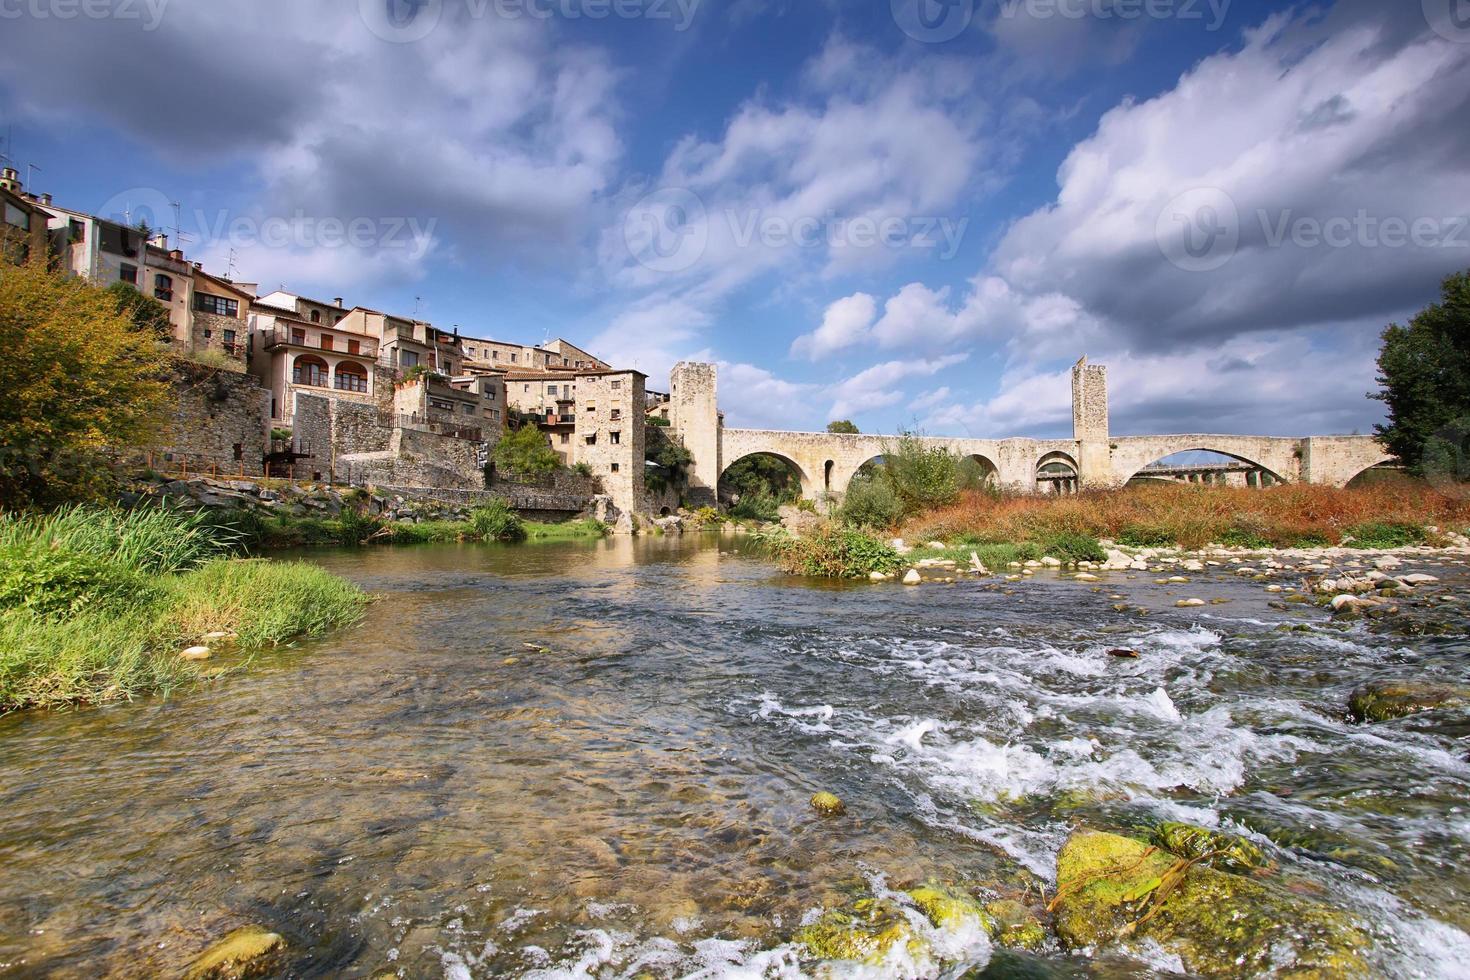 besalu middeleeuws dorpslandschap foto